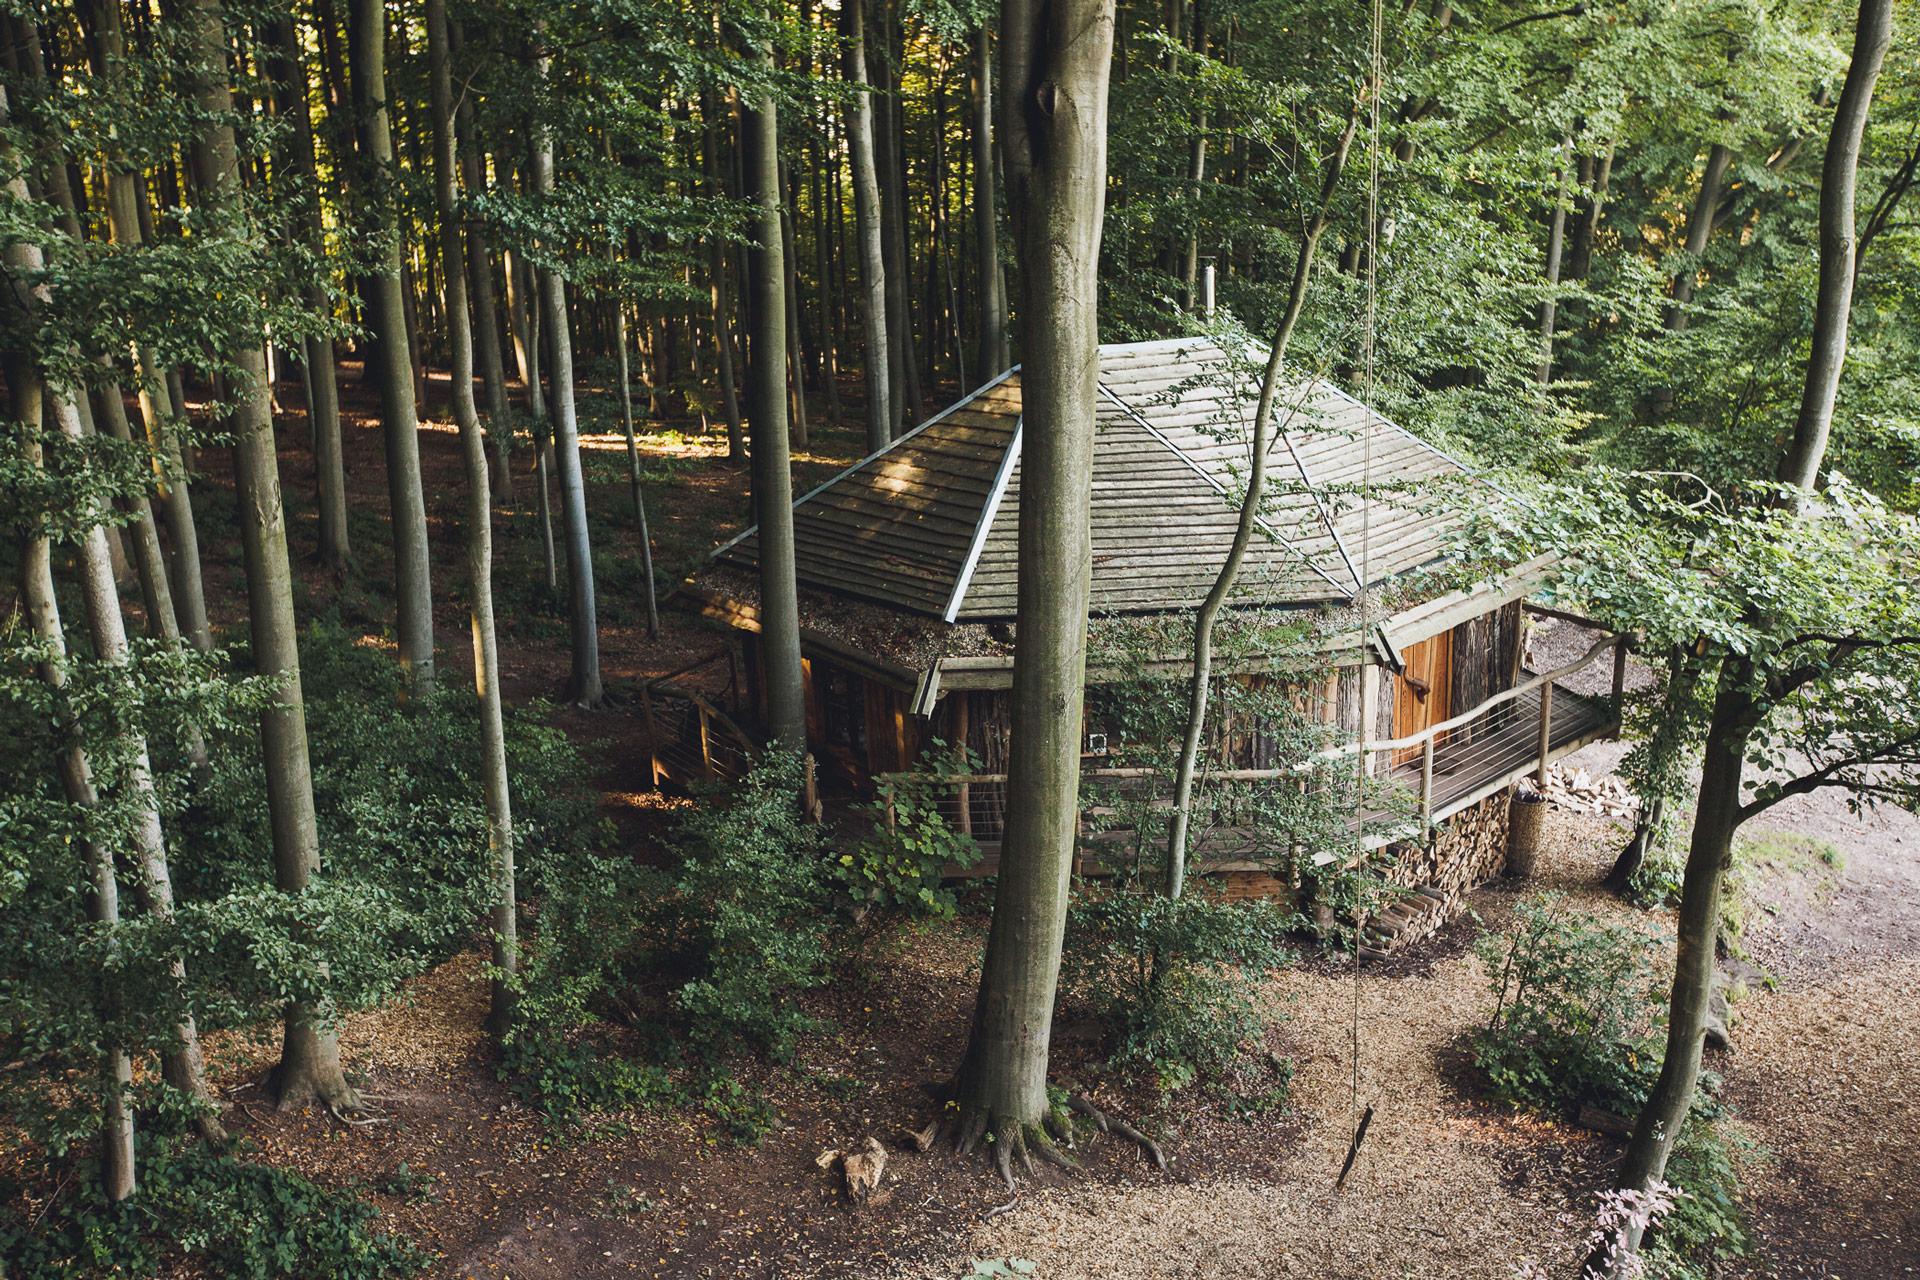 STILT HOUSE - MAKE A RESERVATION